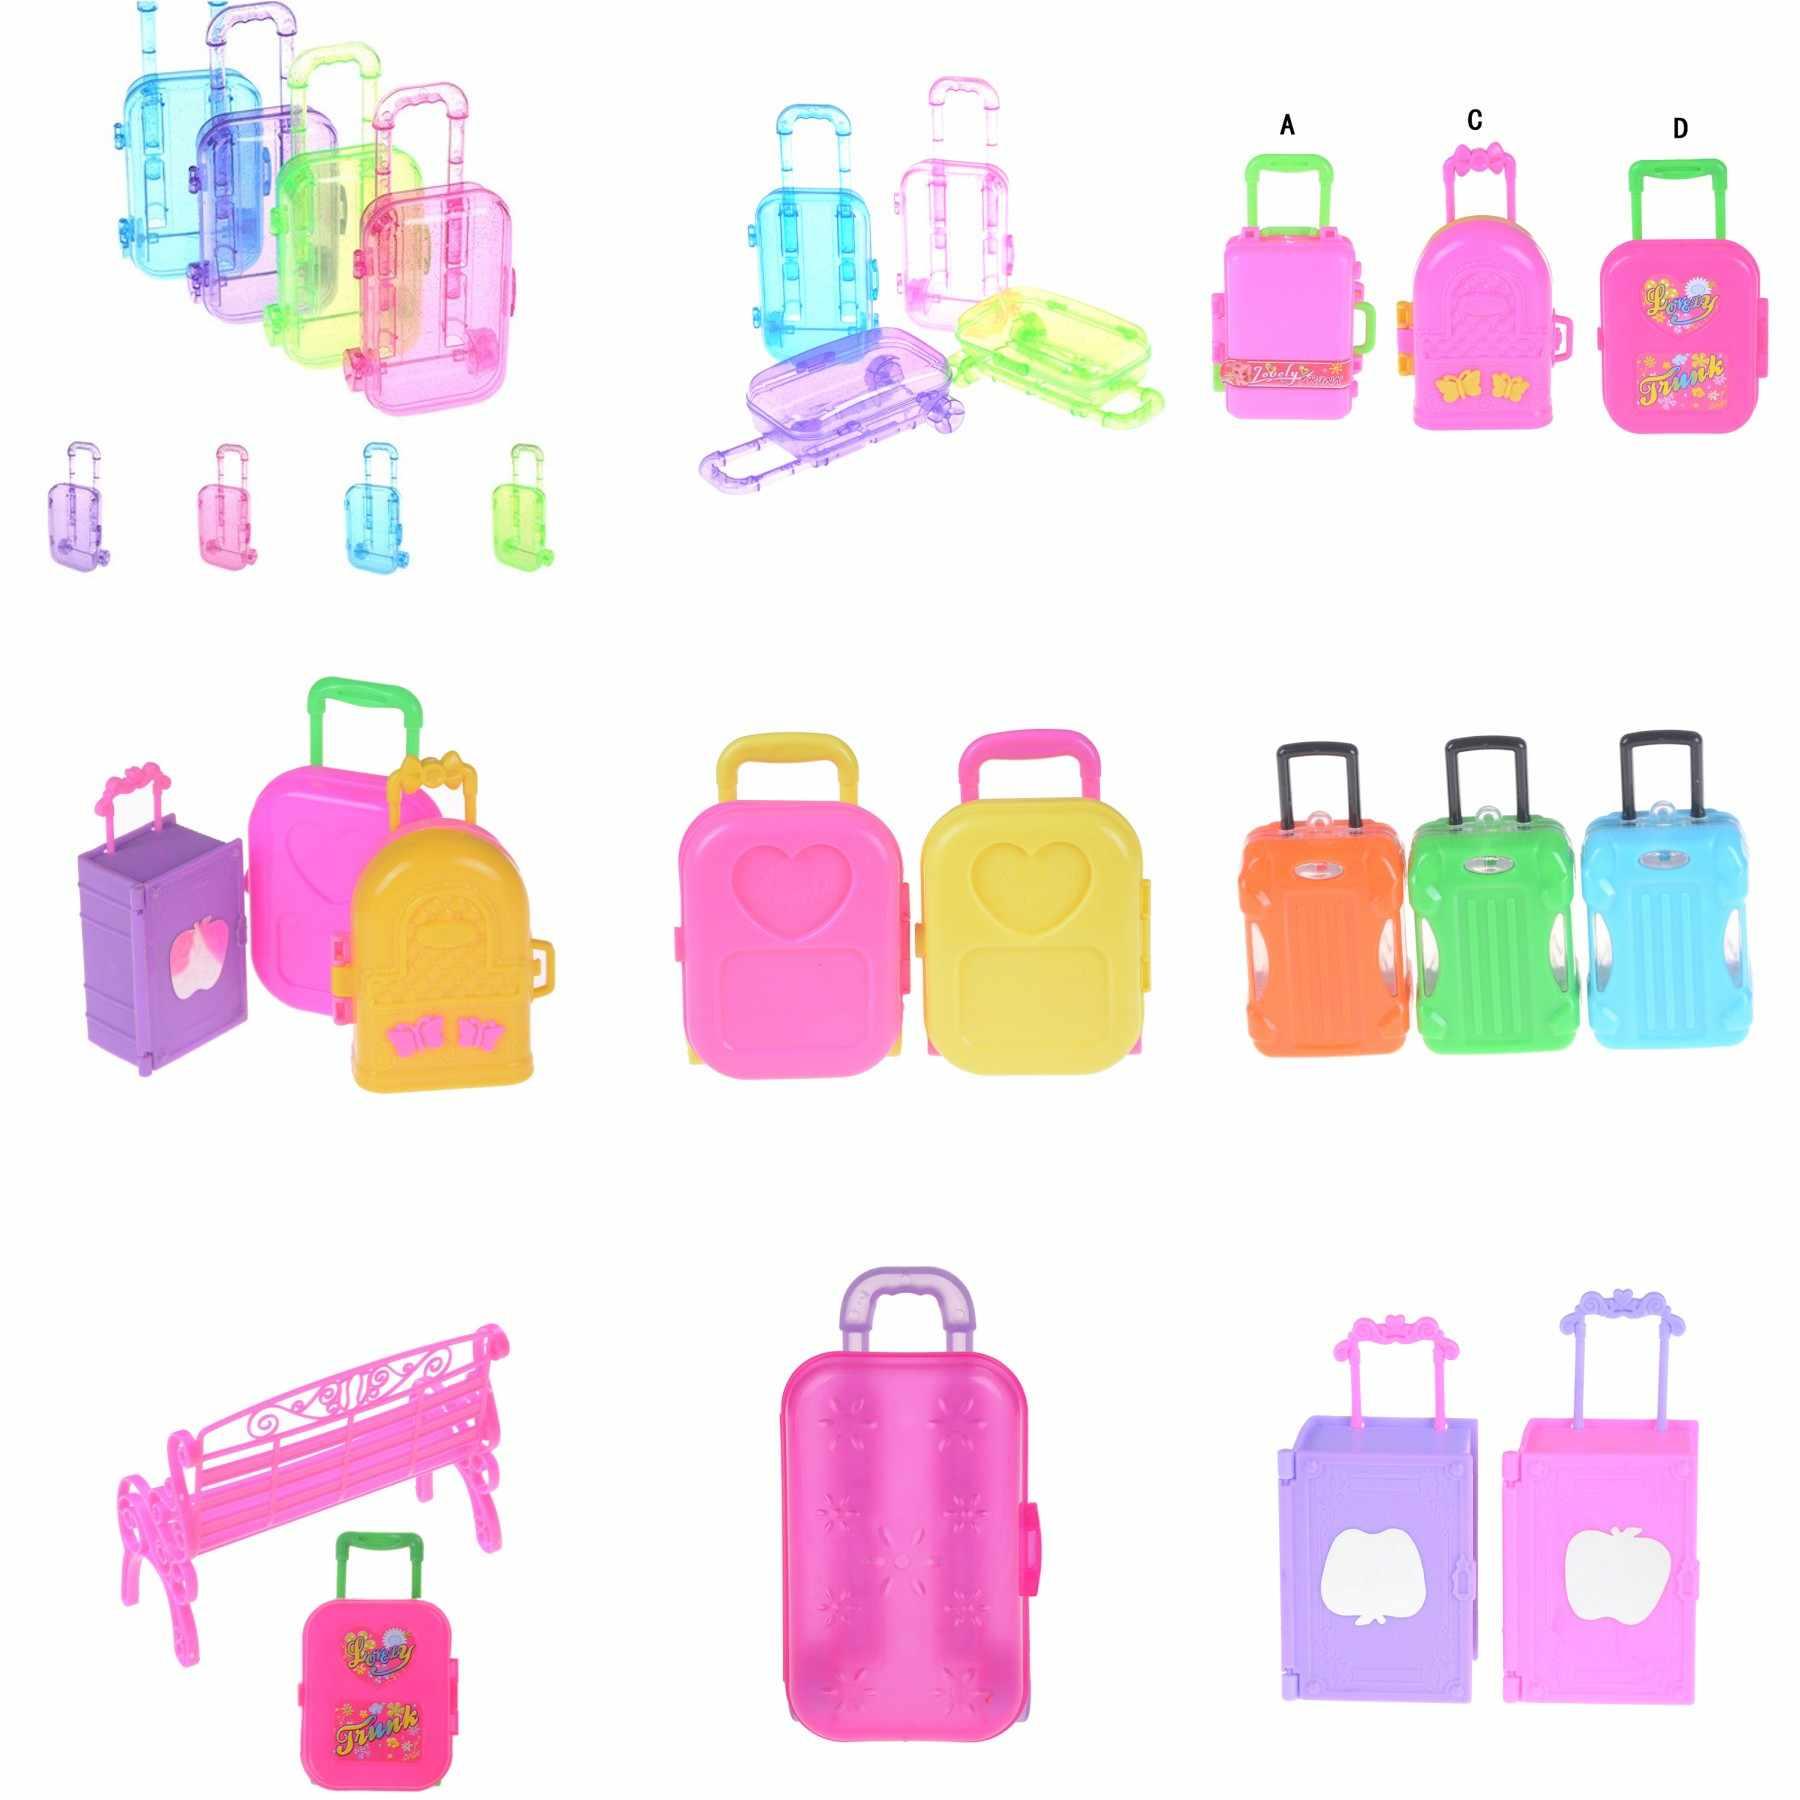 عالية الجودة البلاستيك صندوق أمتعة صغيرة الأسطوانة الاطفال لعبة السفر عربة حقيبة للدمى صندوق تخزين صغير فتاة هدية عيد ميلاد